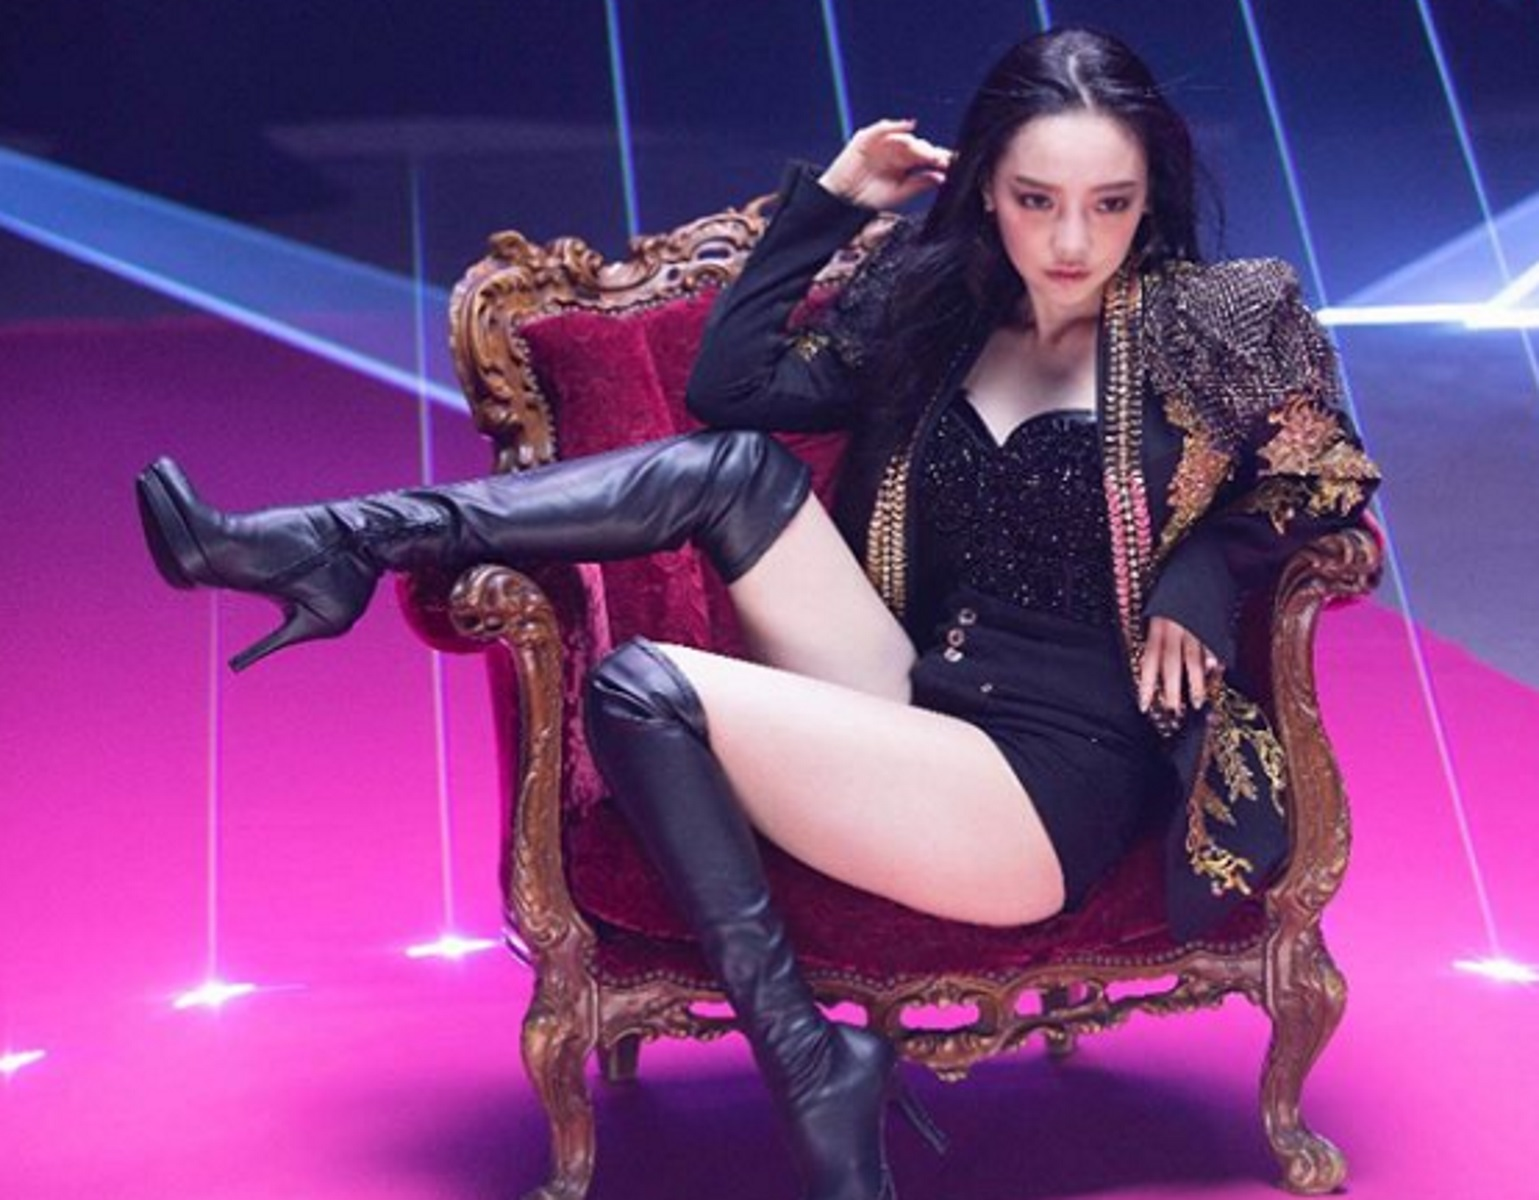 Διάσημη τραγουδίστρια της K Pop βρέθηκε νεκρή! [Pics]